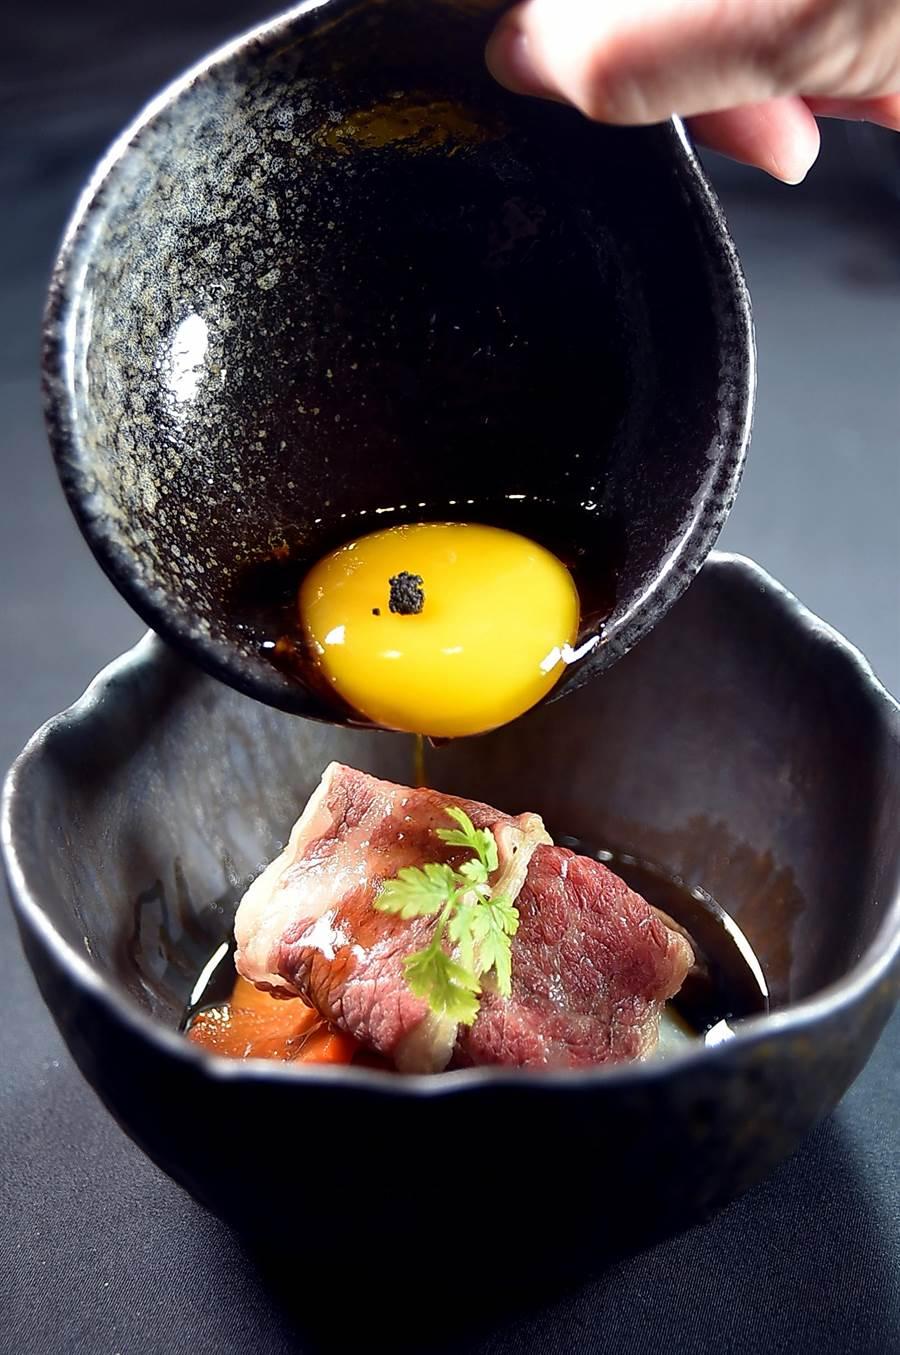 享用〈關東風壽司燒〉 時,可將CAS認證雞蛋倒入碗中打散,用涮好的和牛肉片沾著蛋液和醬汁一起入口。(圖/姚舜)